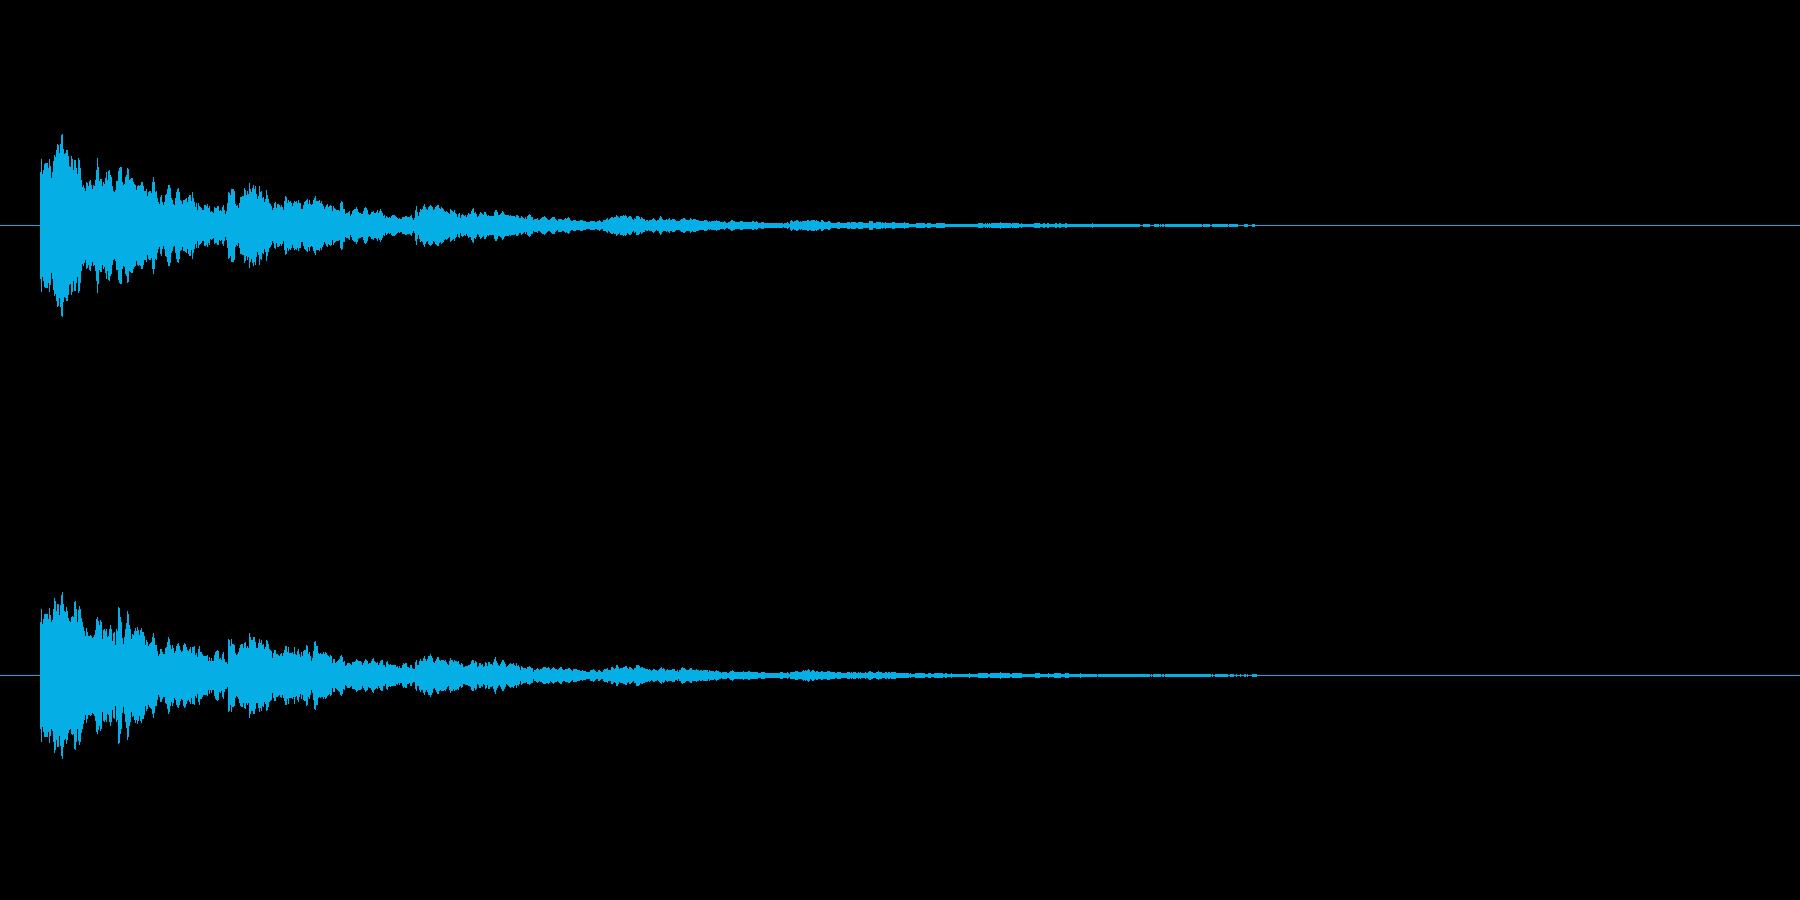 【ひらめき09-8】の再生済みの波形